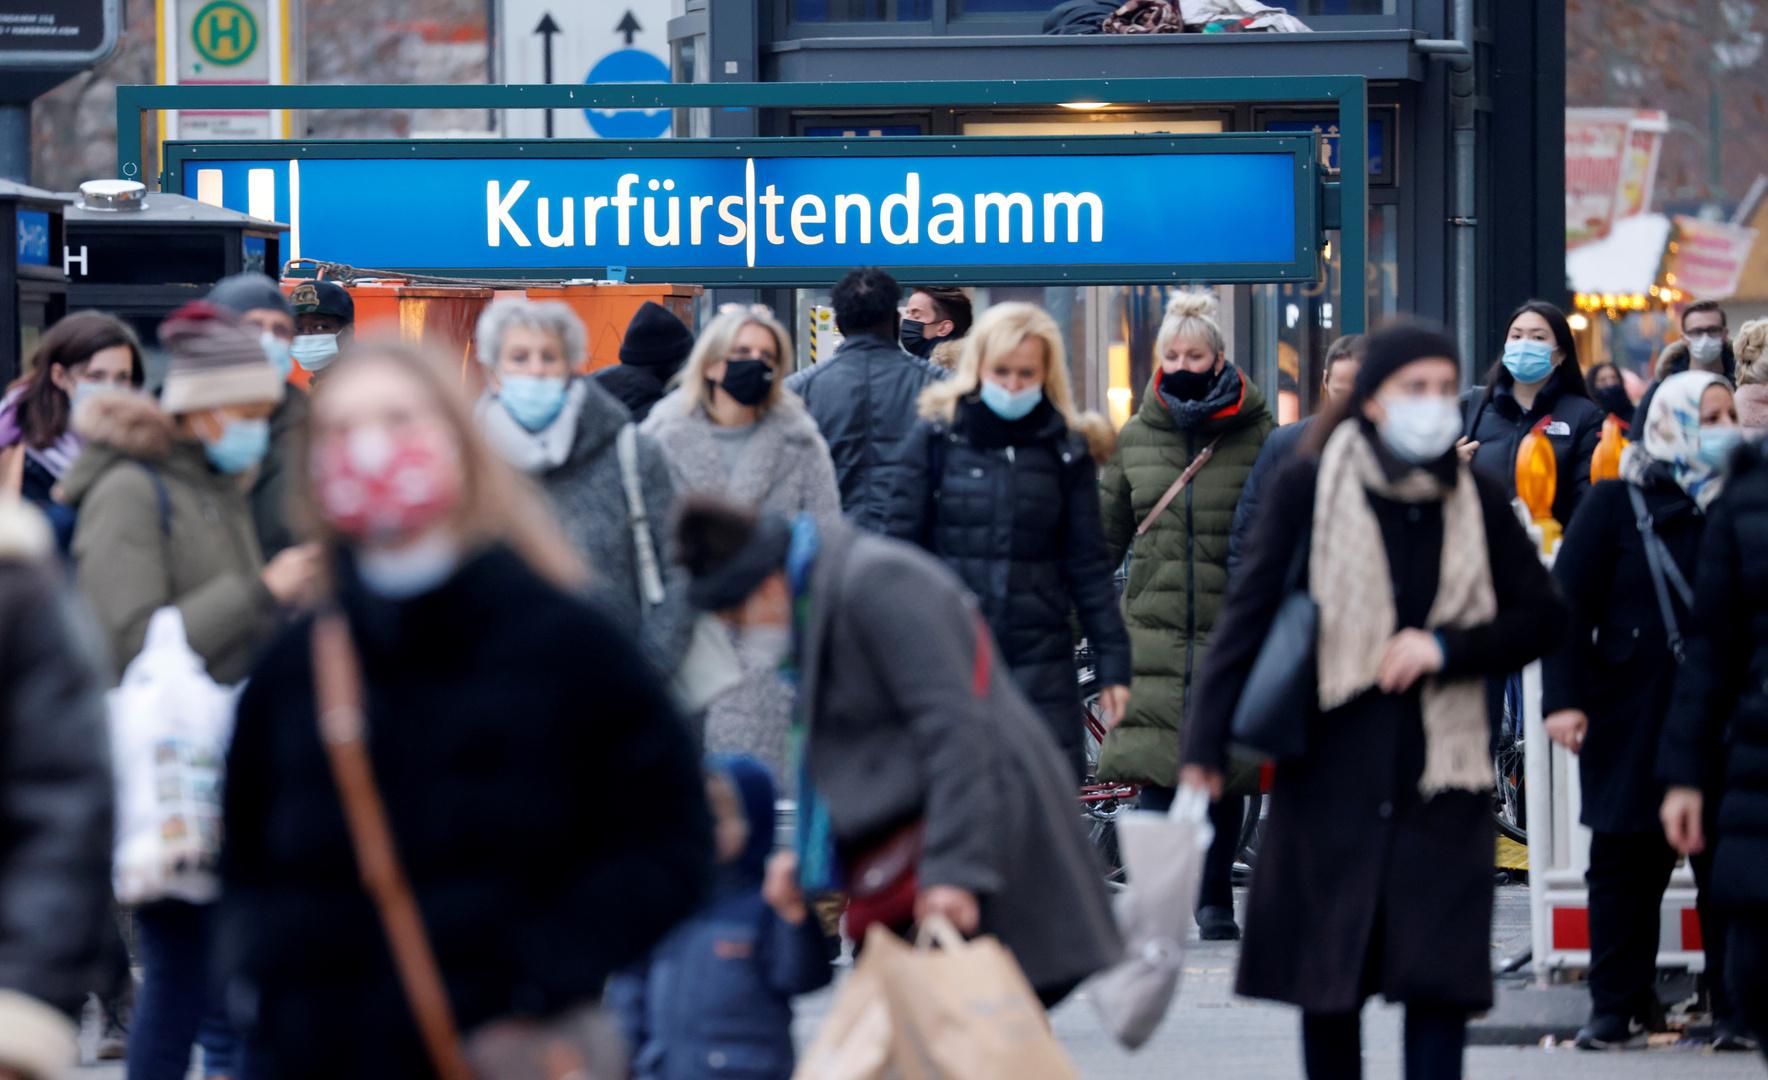 عدد وفيات كورونا في ألمانيا يتجاوز 40 ألفا